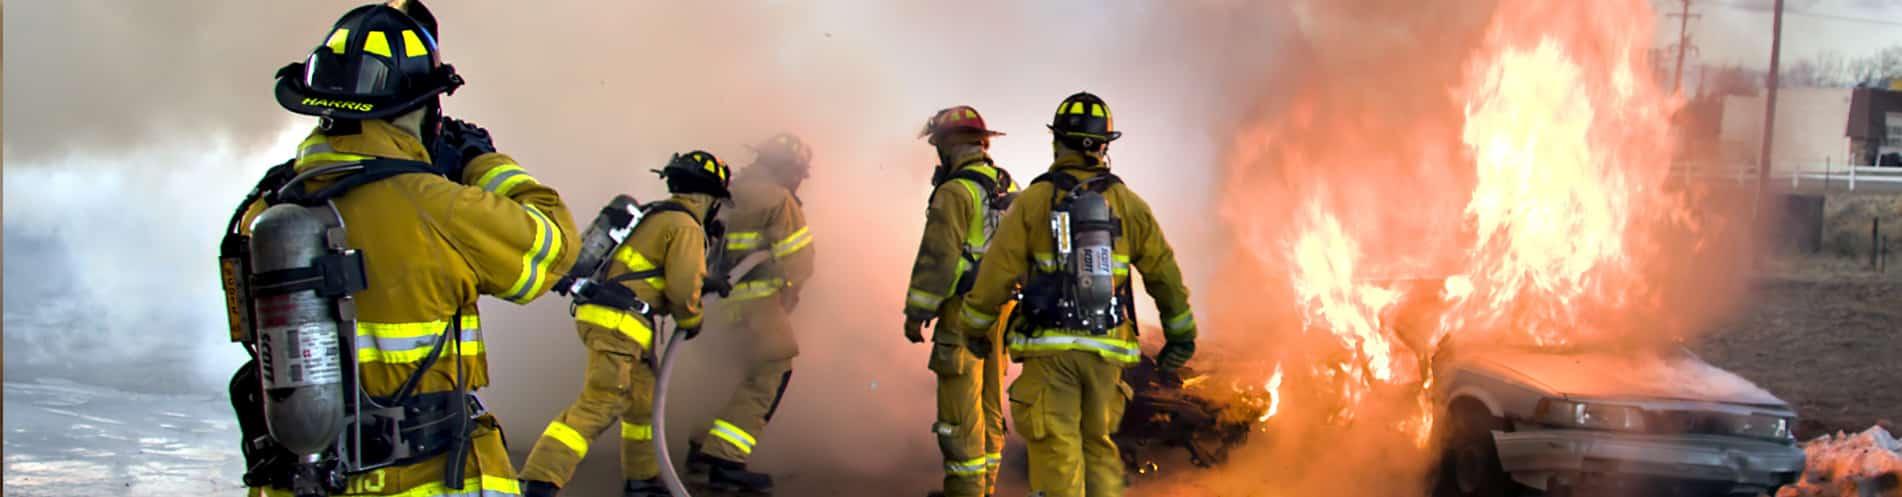 Какие сведения необходимо сообщать в пожарную охрану